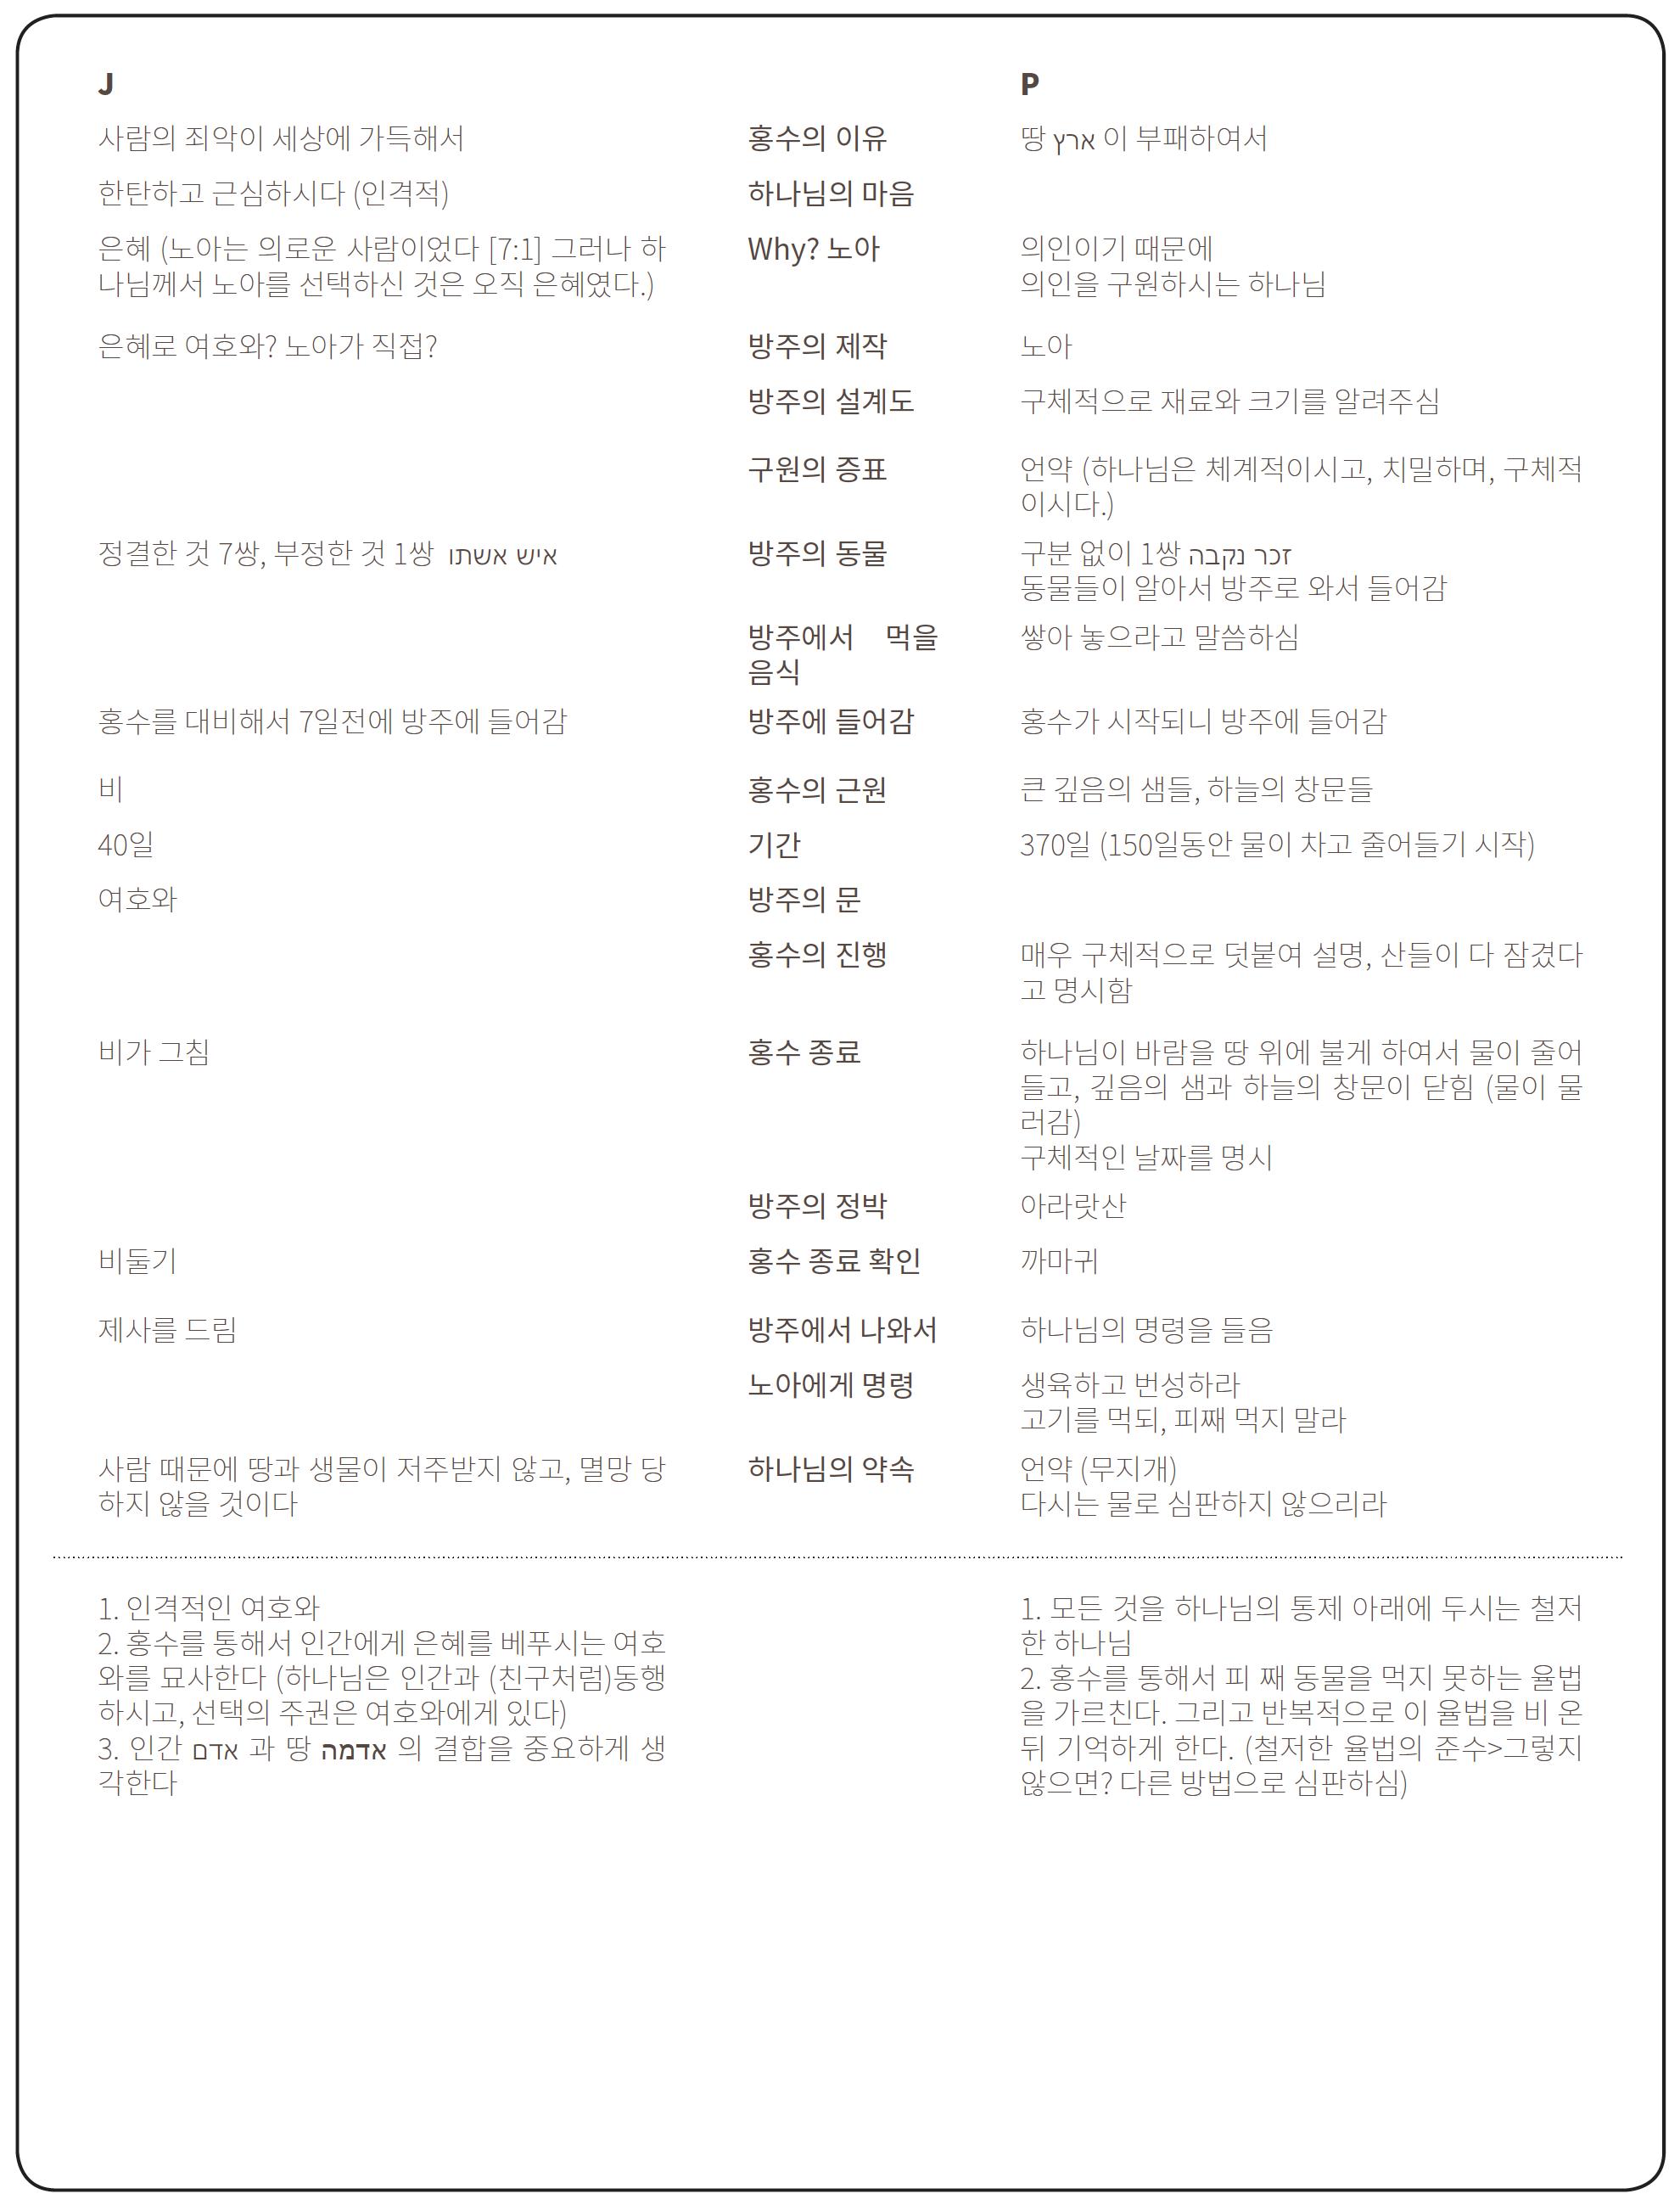 문서설에 근거한 노아의 홍수 본문 구분